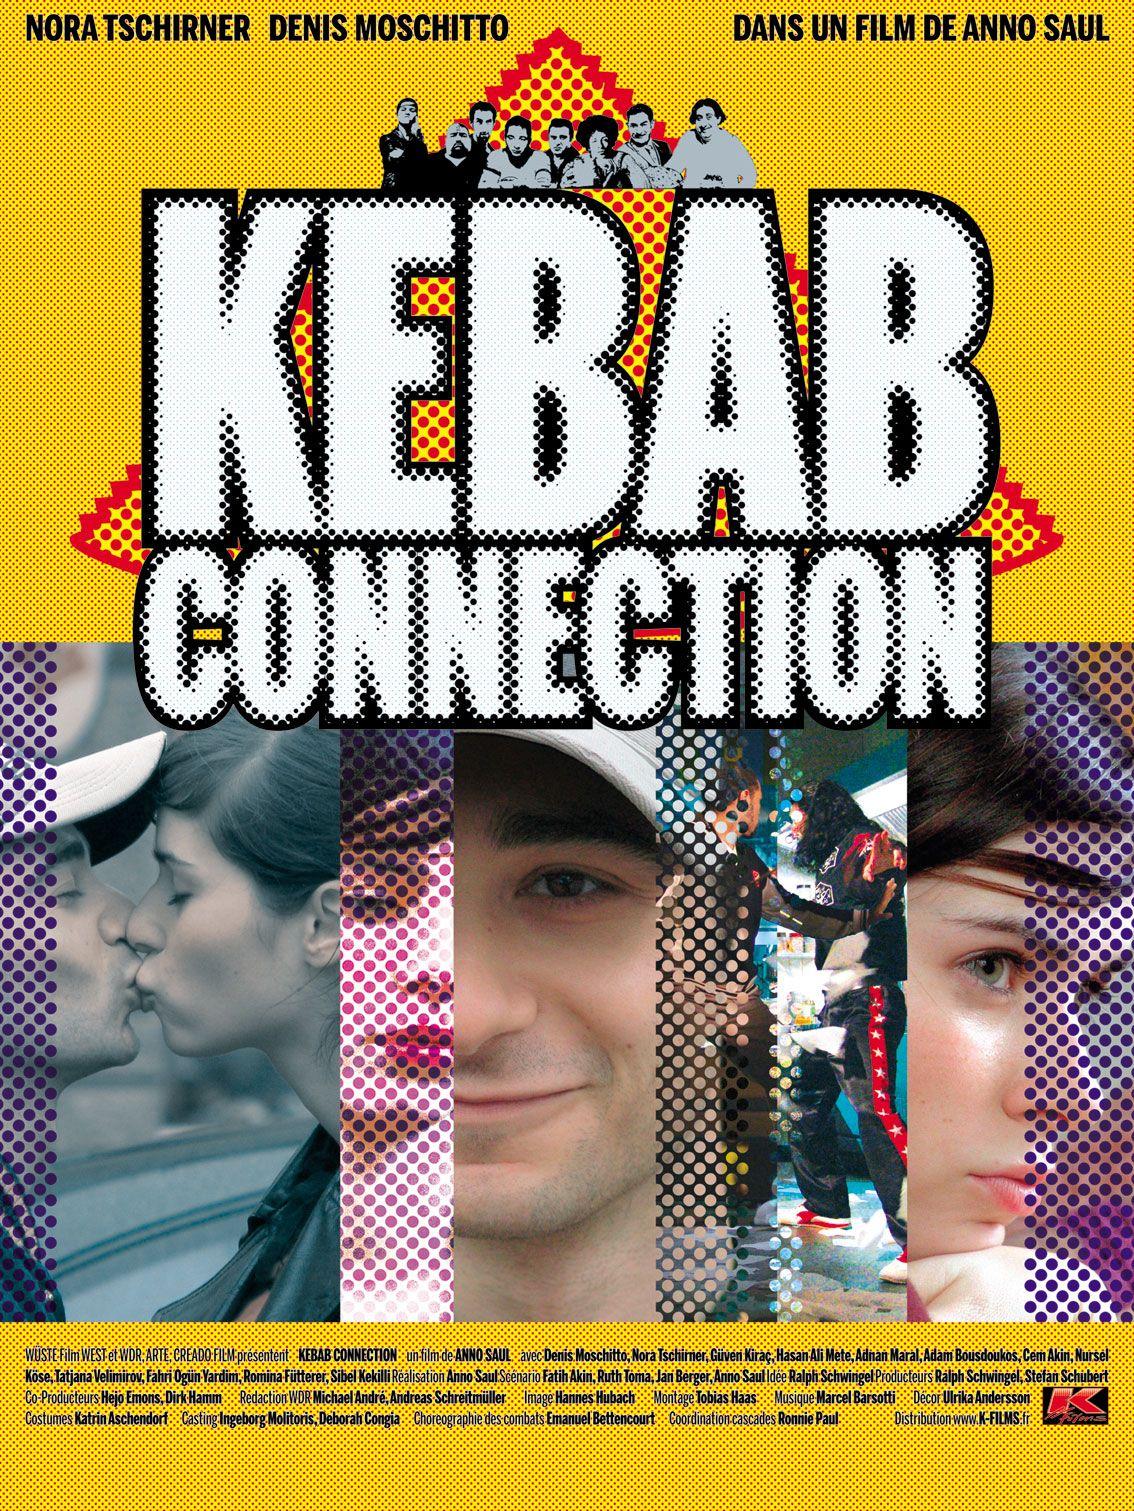 """""""Kebab connection"""" de Anno Saul [SAU] : Ibo, jeune homme d'origine turque, rêve de réaliser le premier film de kung-fu allemand. Pour s'entraîner, il tourne avec sa petite amie Titzi un spot de pub pour le Kebab de son oncle. Devenu la star du quartier, Ibo perd pied lorsque Titzi, tombée enceinte, décide de rompre après une dispute, et lorsque son père le chasse de la maison. Reste l'idée d'un spot de kung-fu..."""